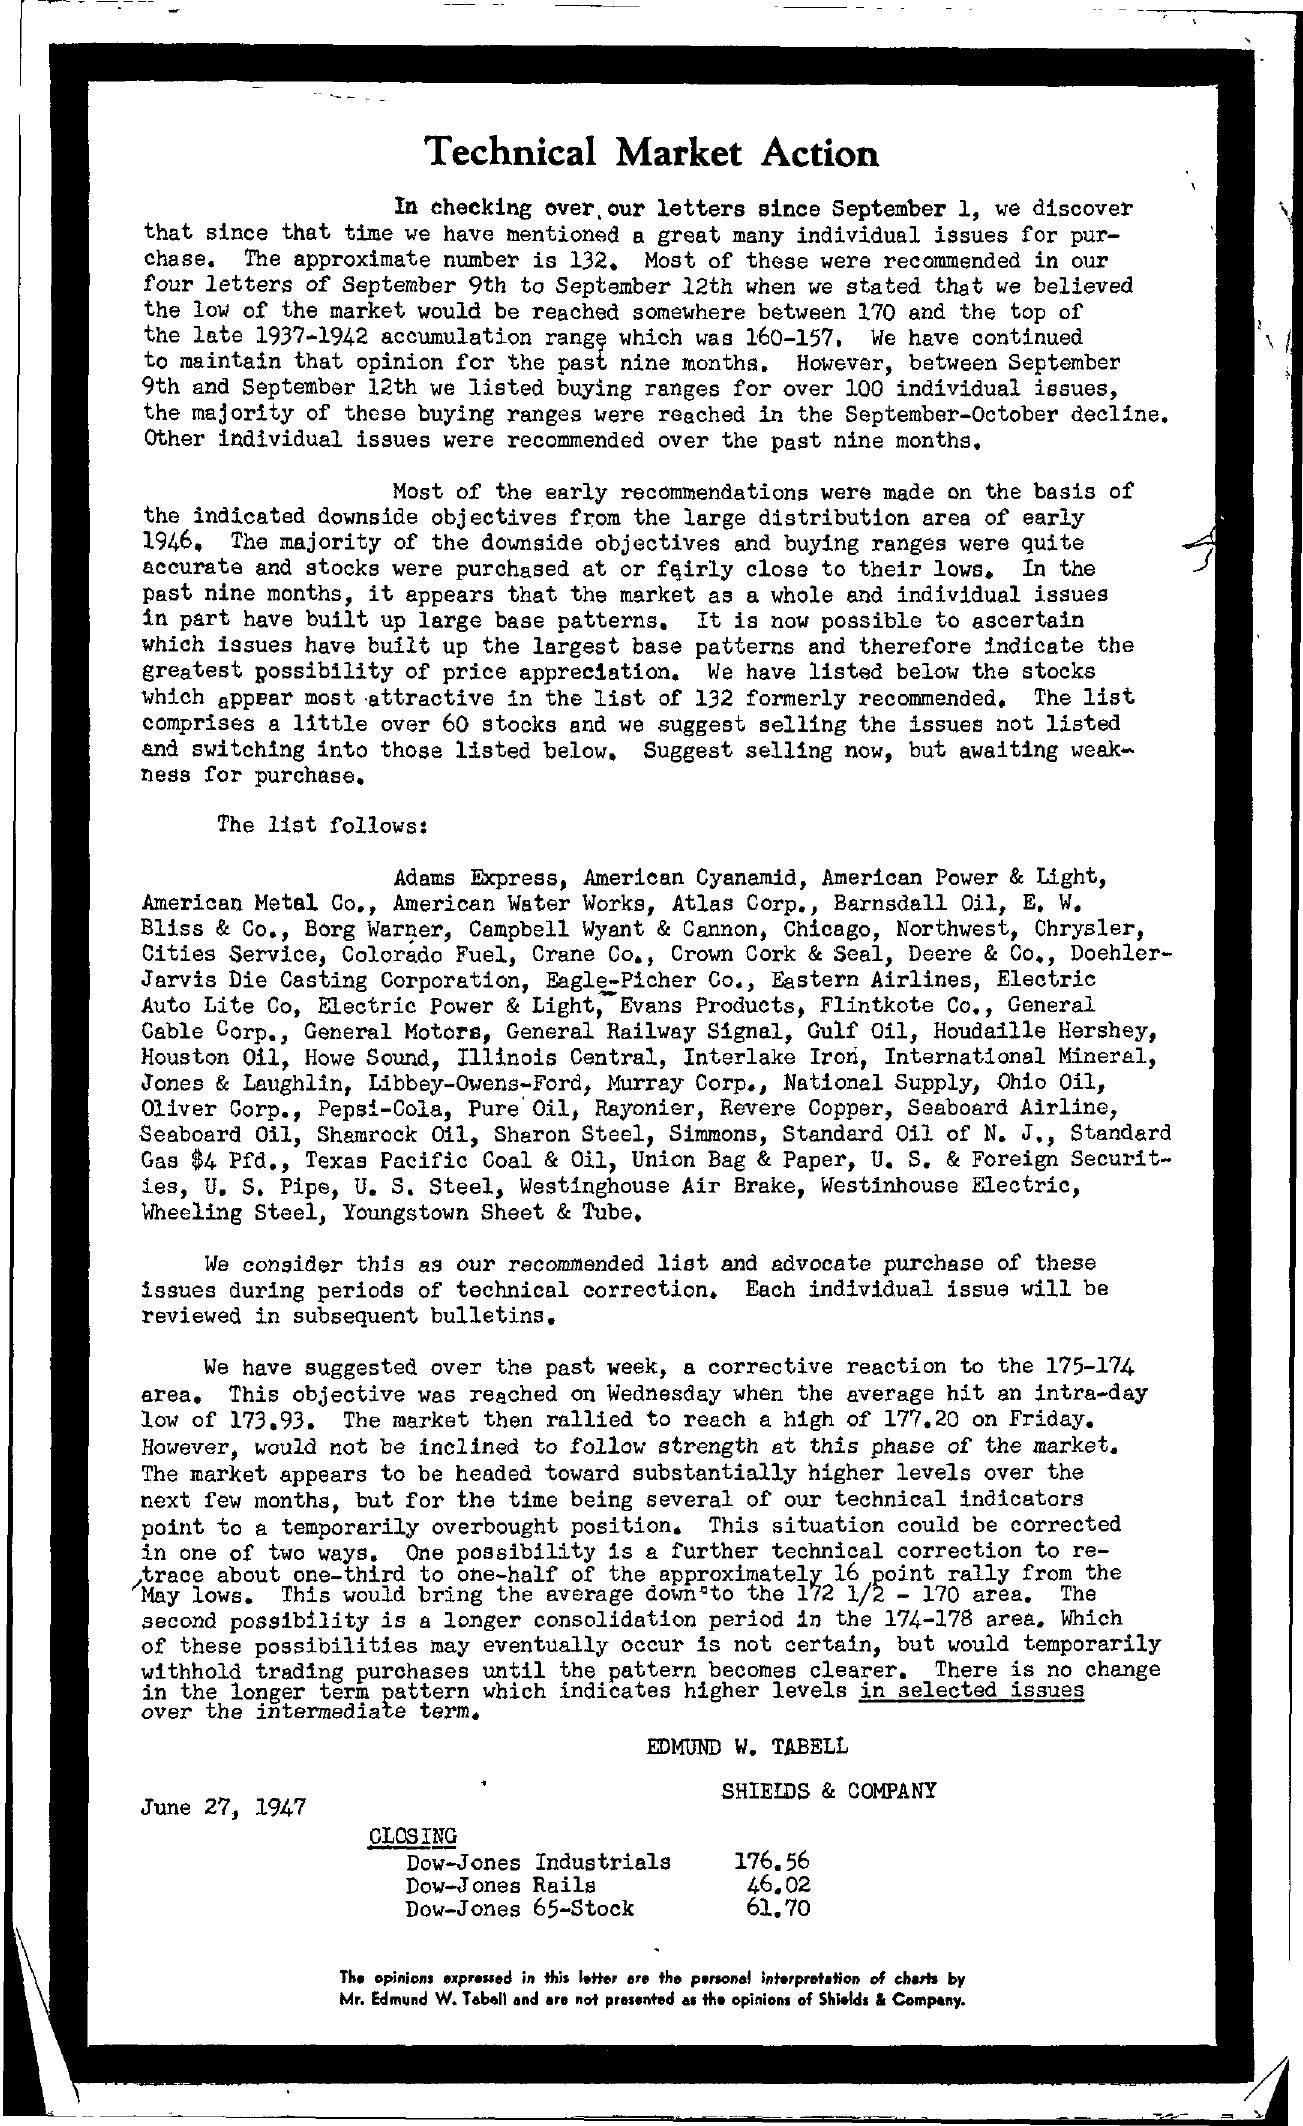 Tabell's Market Letter - June 27, 1947